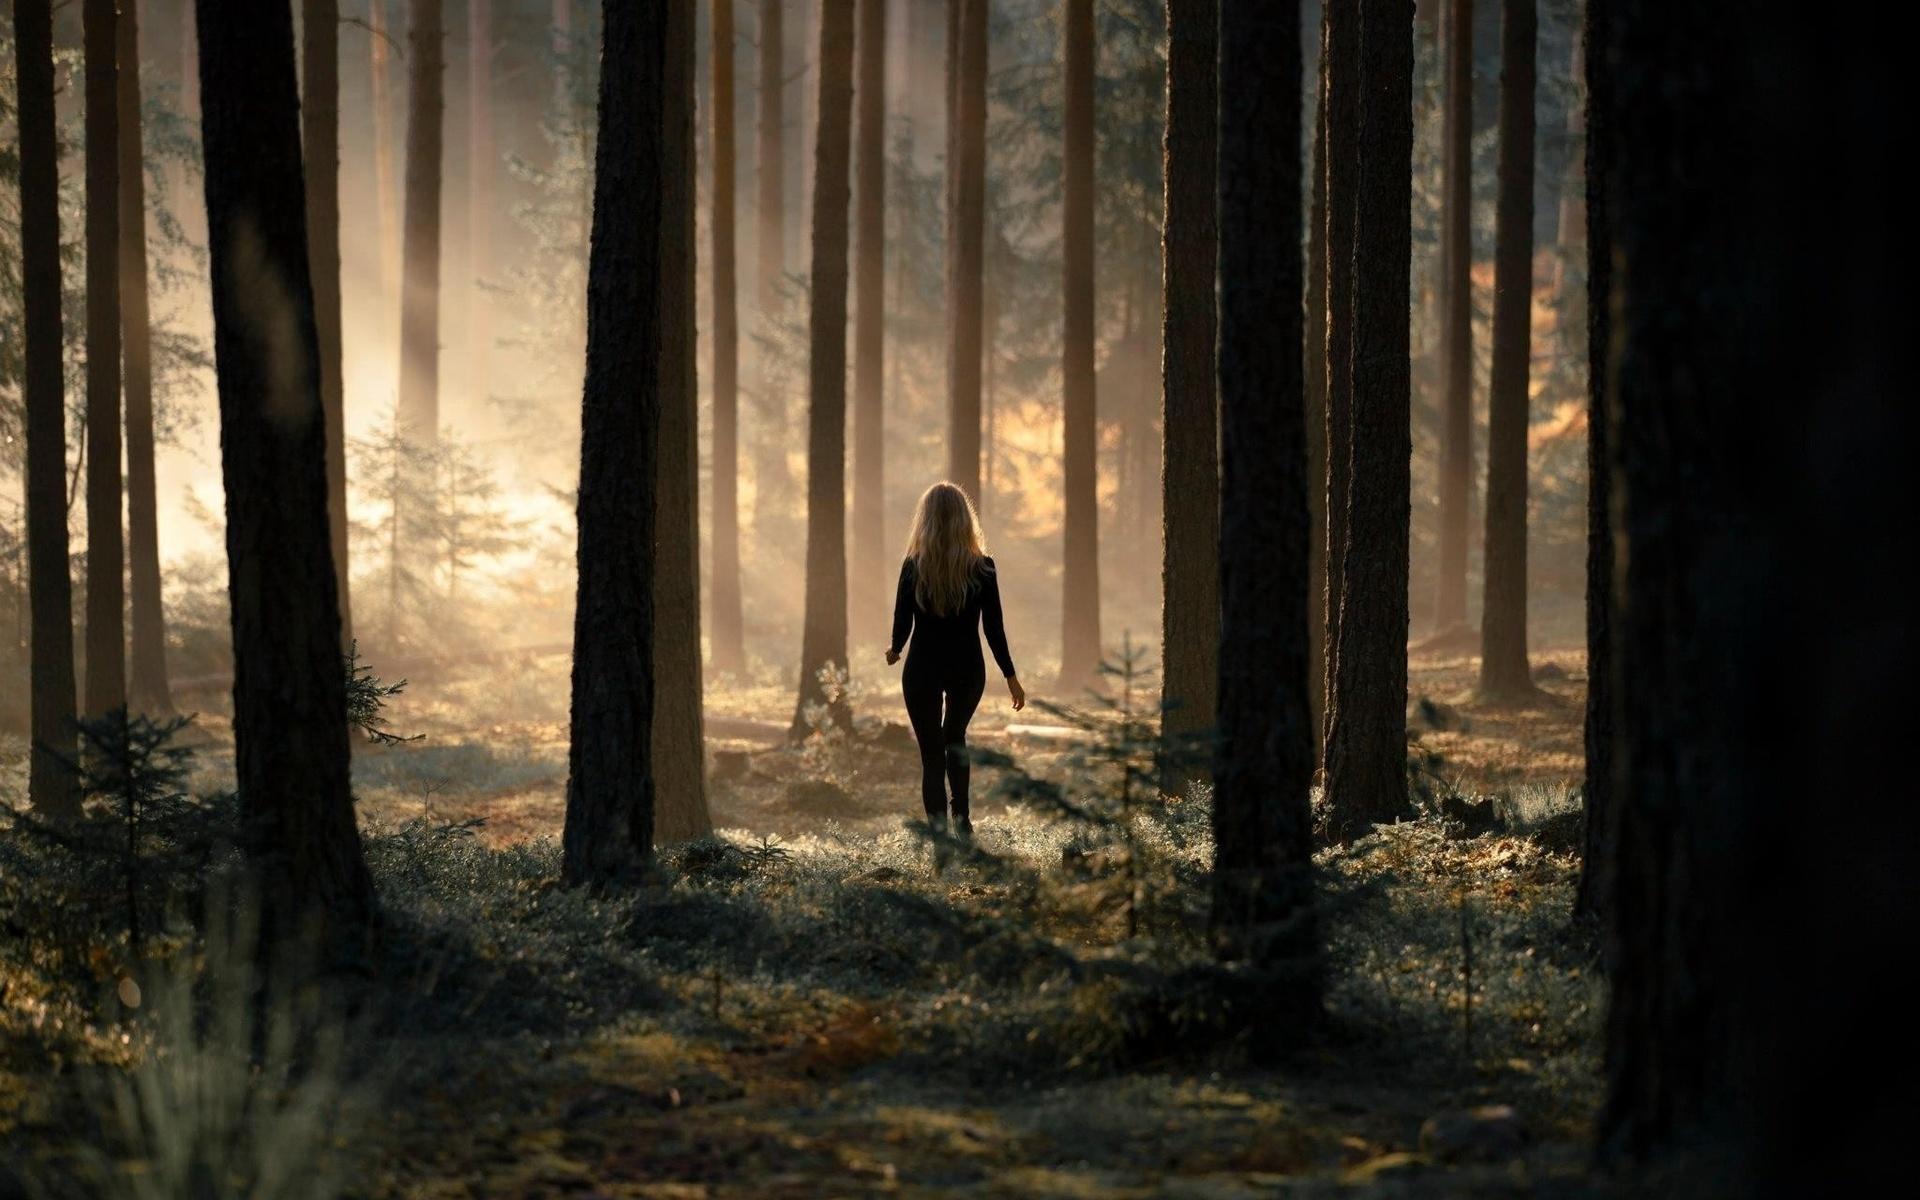 принимает картинки один человек в лесу роддоме сочи практикуется